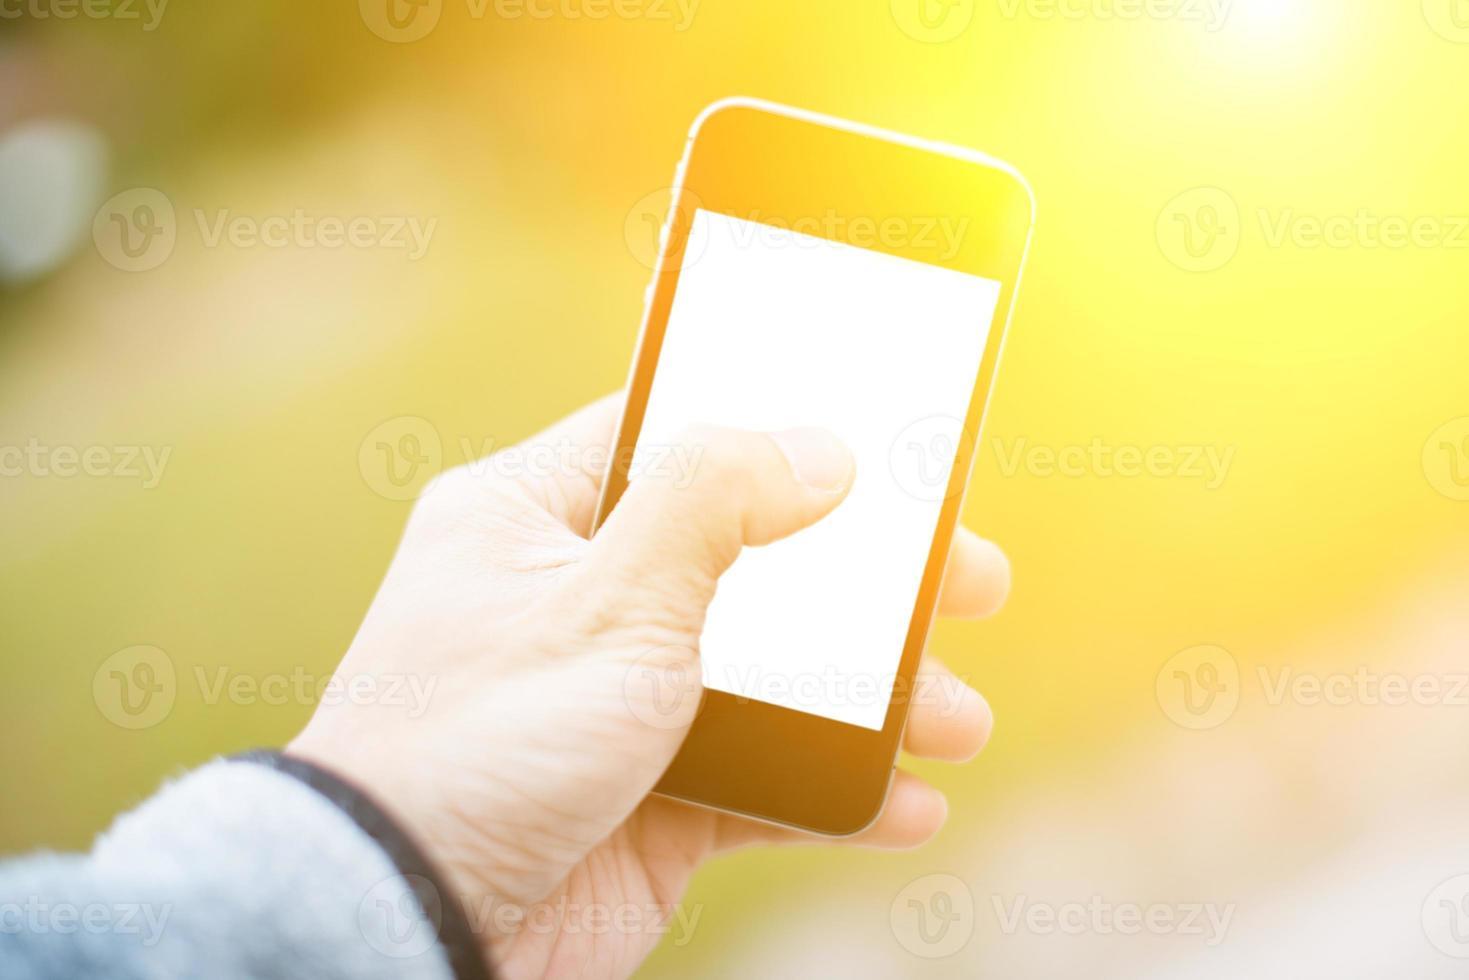 usando telefone celular foto